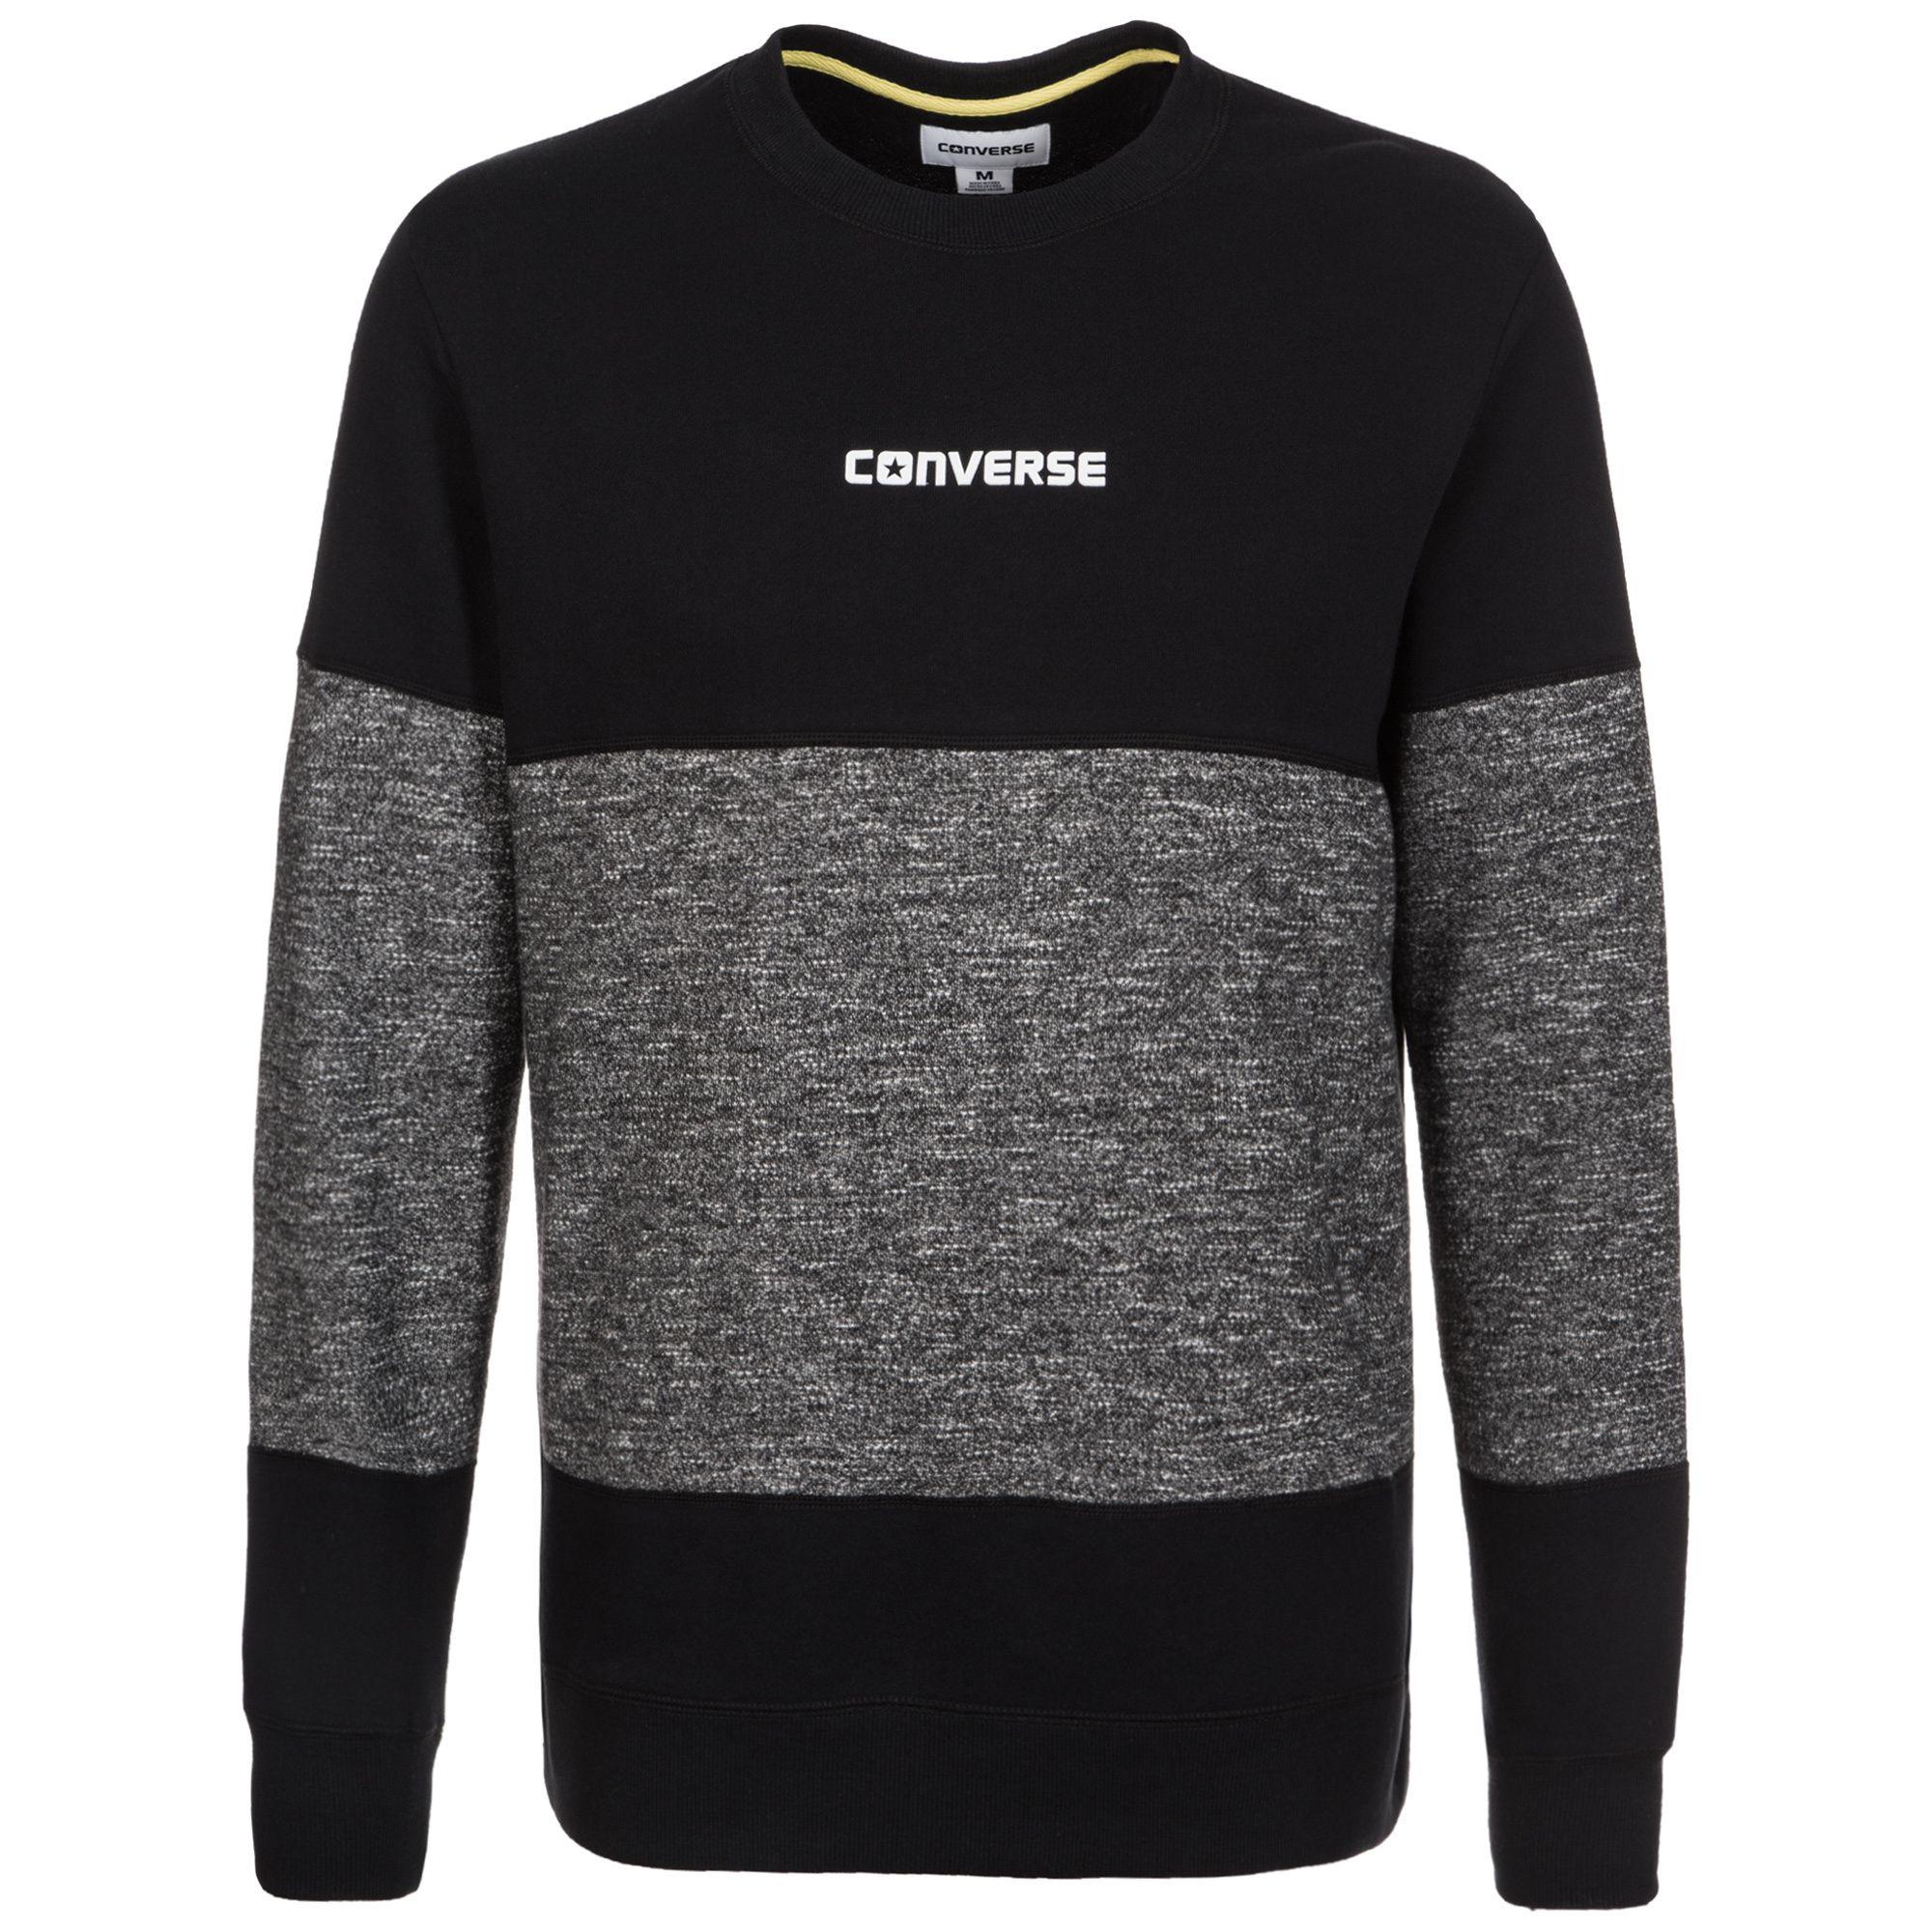 CONVERSE Converse Blocked Marl Sweatshirt Herren